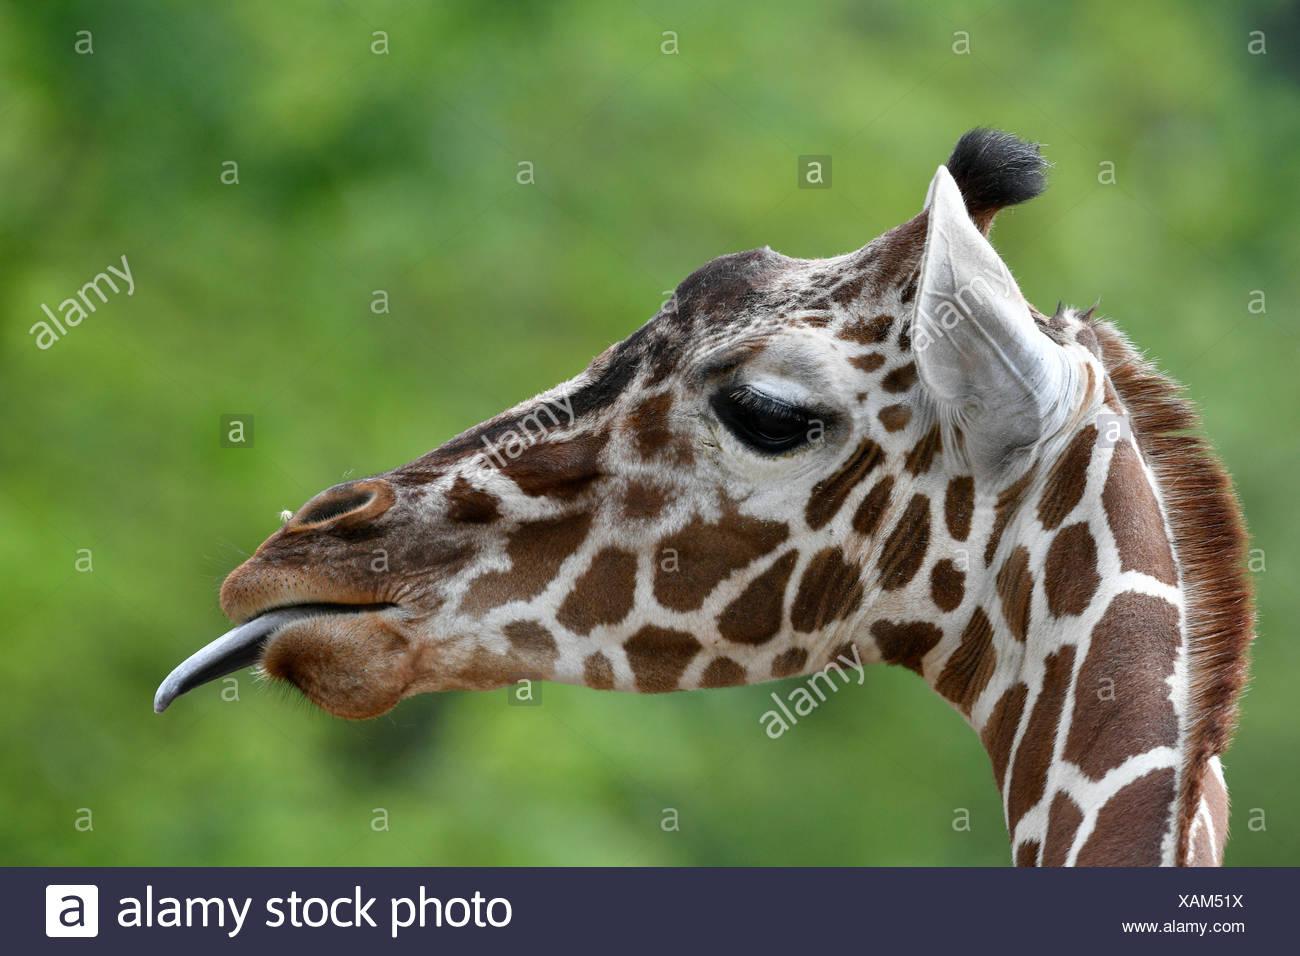 Jirafa reticulada (Giraffa camelopardalis reticulata), retrato, le saca la lengua, cautiva Foto de stock